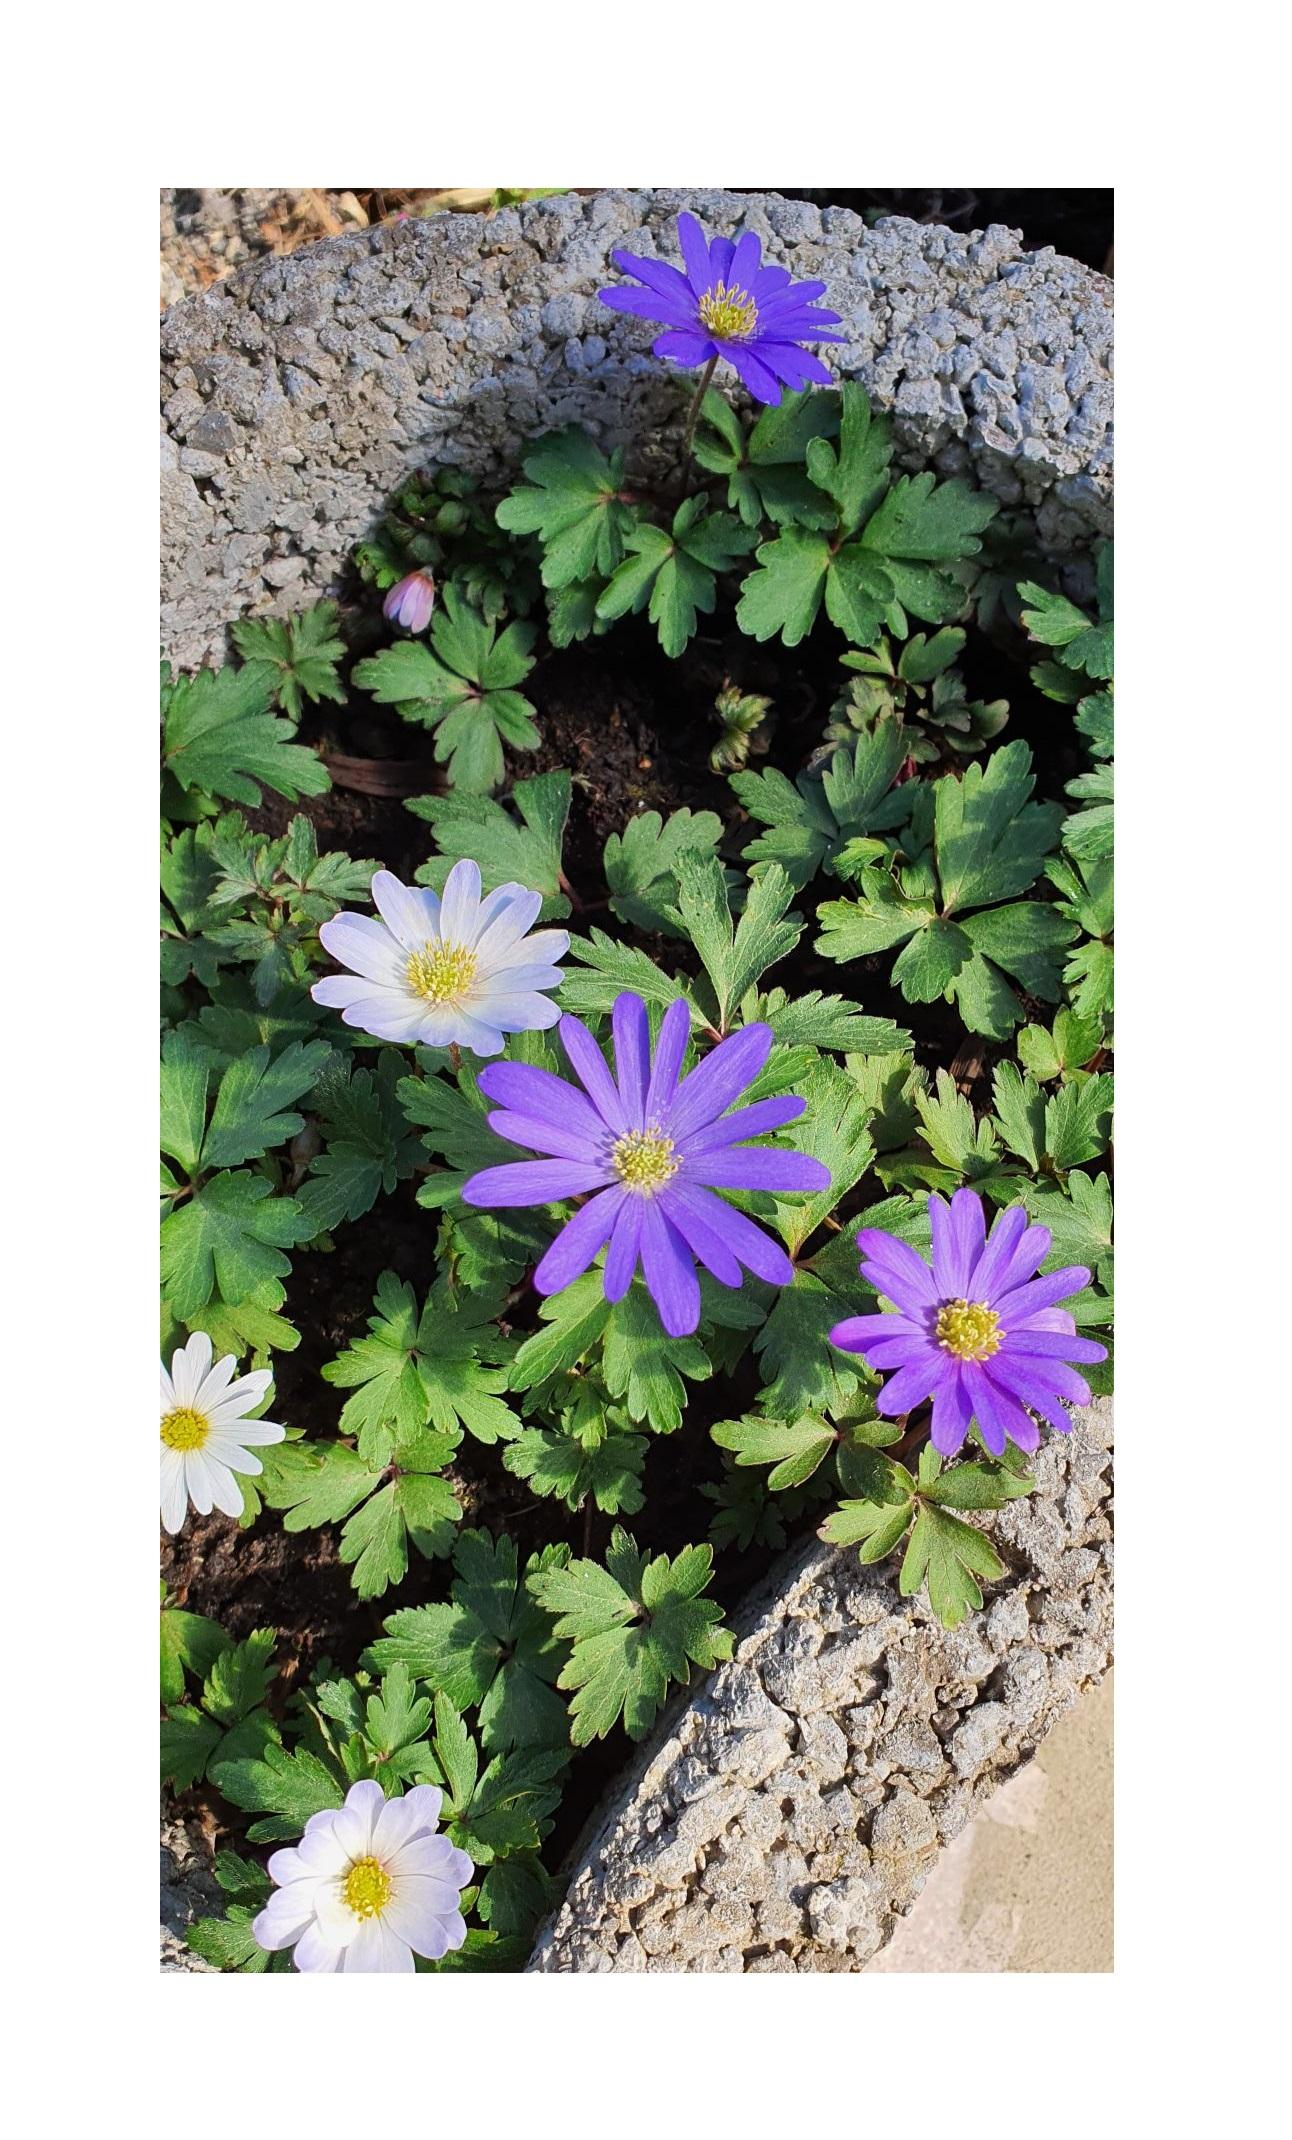 Garten Blumen Schnittblumen Gr/ö/ße 4//5 Zwiebelblumen Florado 25x Kronen-Anemonen Blumenzwiebeln Sylphide Bienen Insekten Hummeln